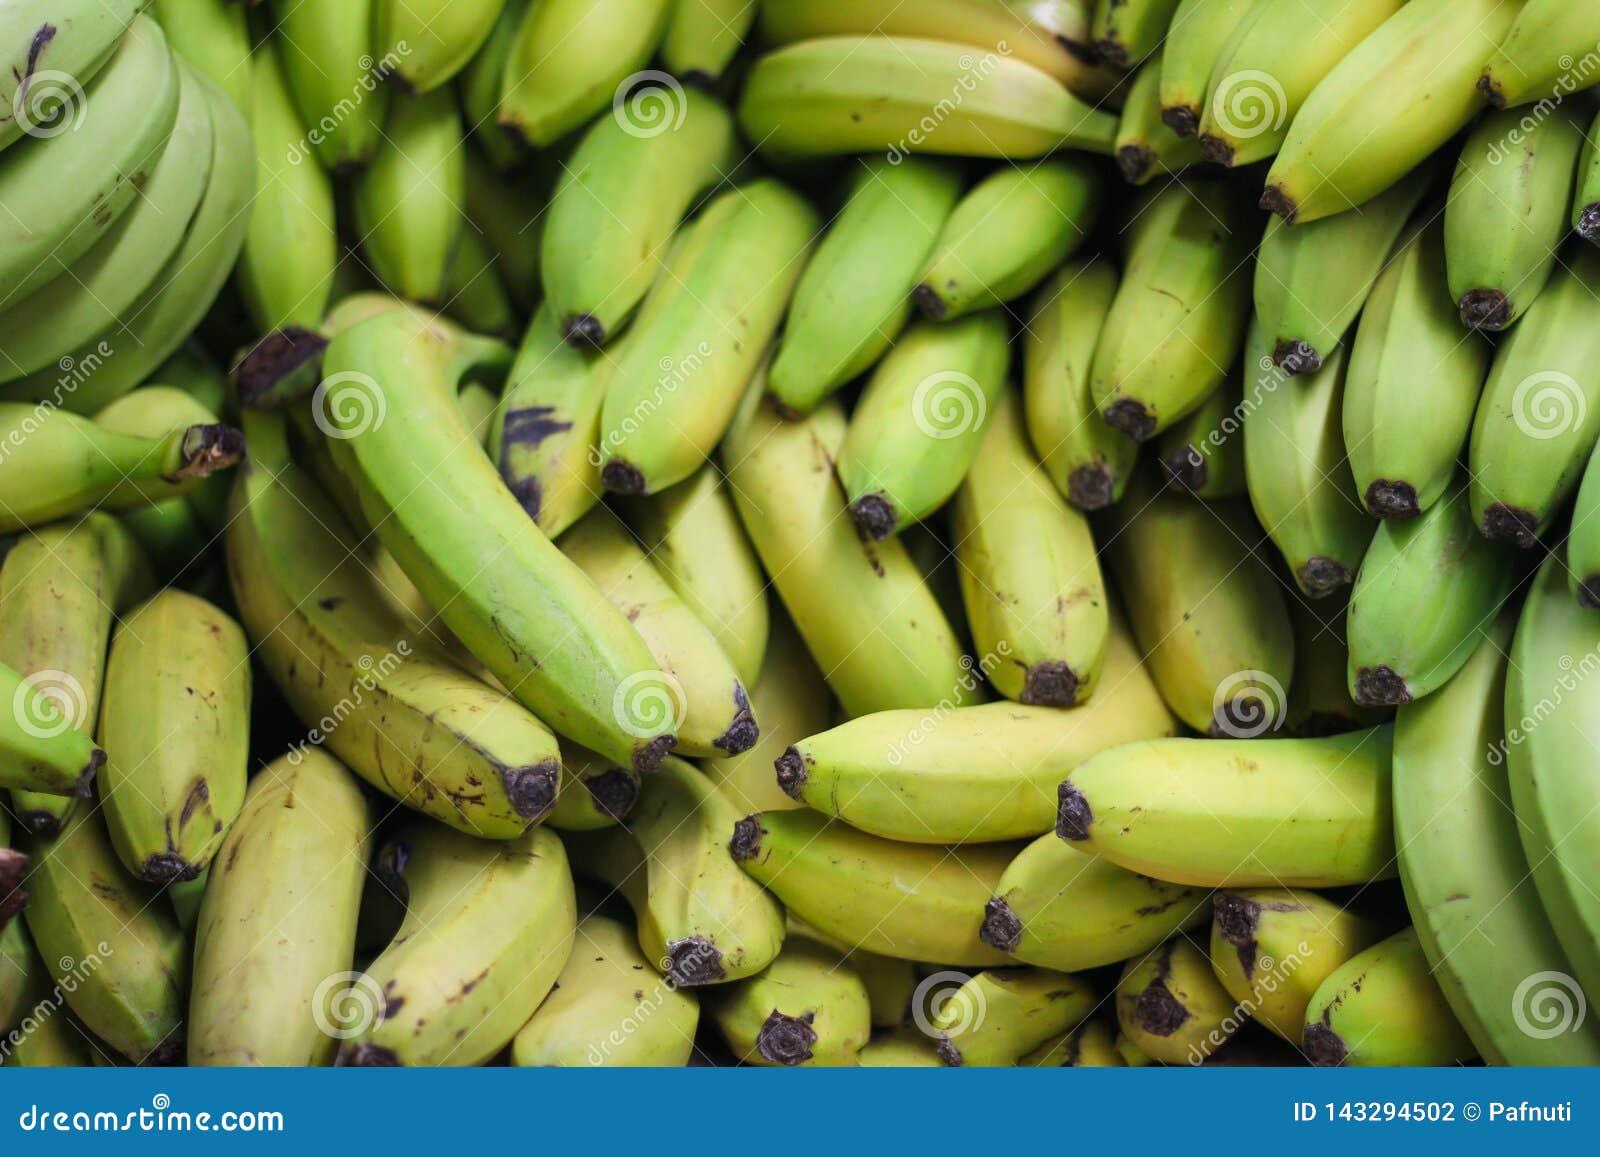 堆在农夫市场或商店上的绿色香蕉